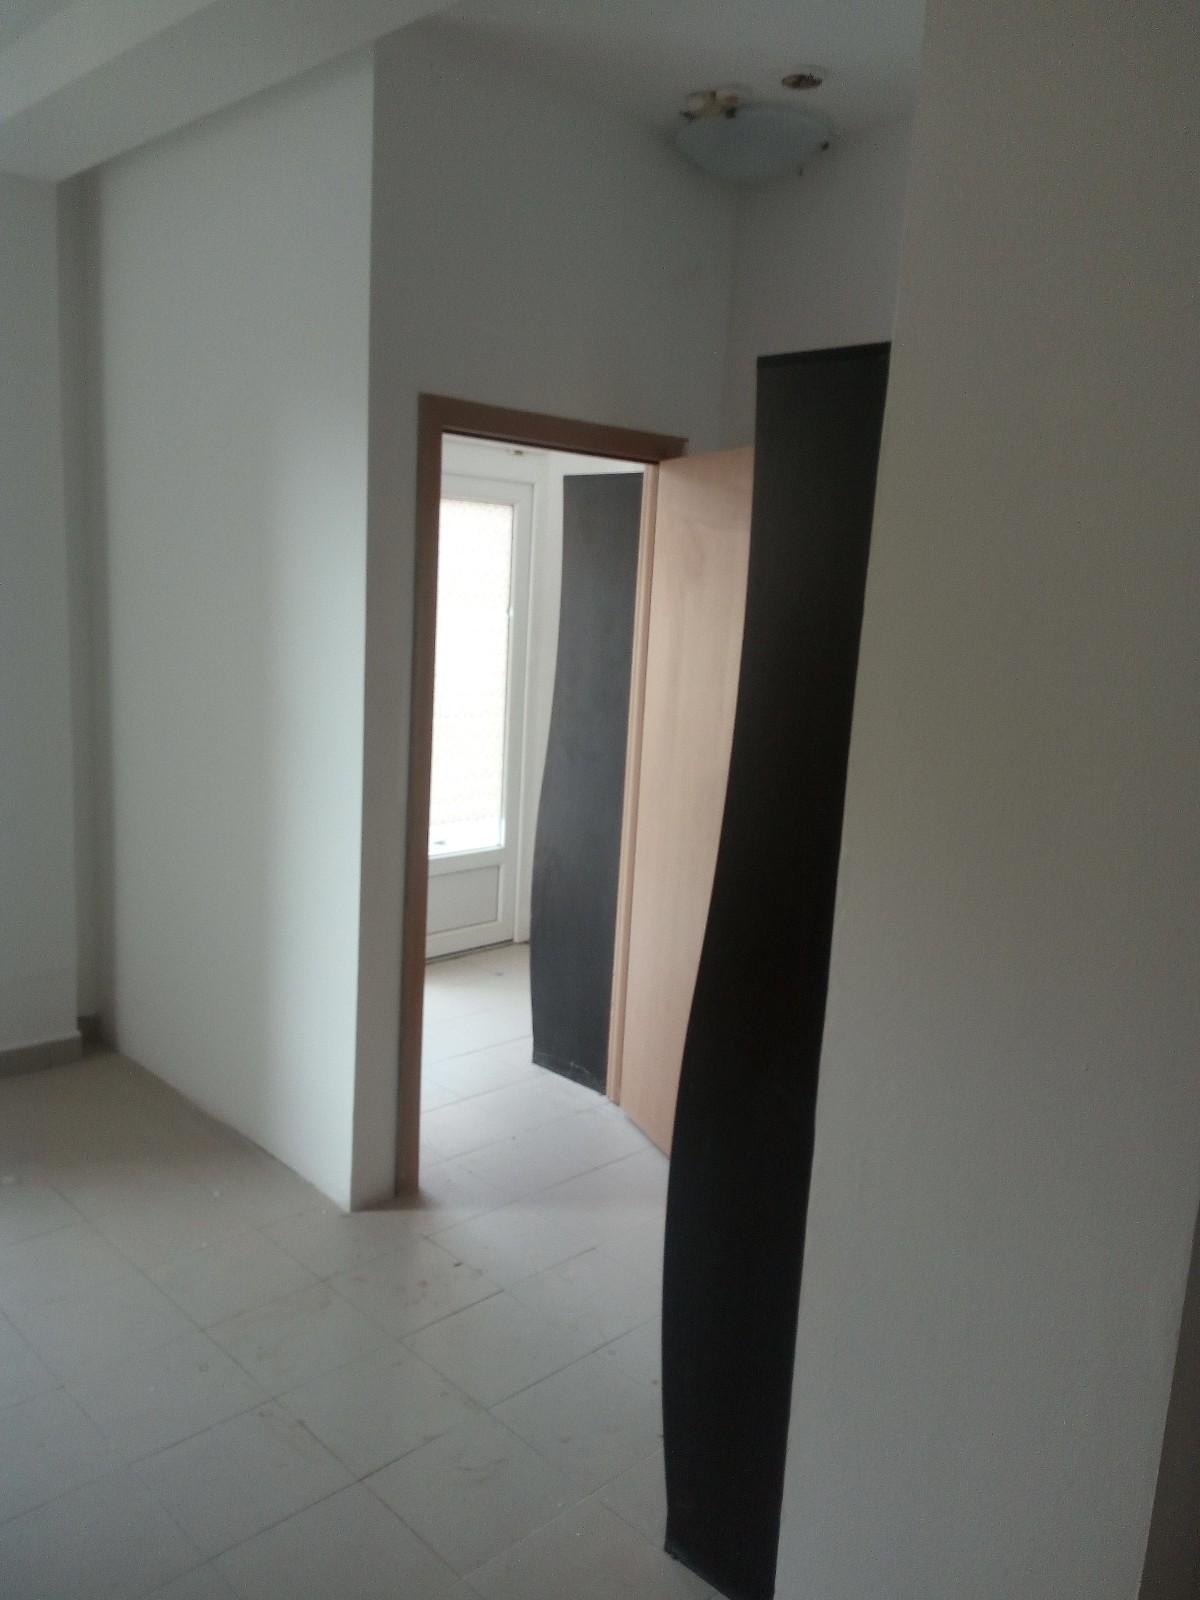 Poslovni prostor 45m2 Budva